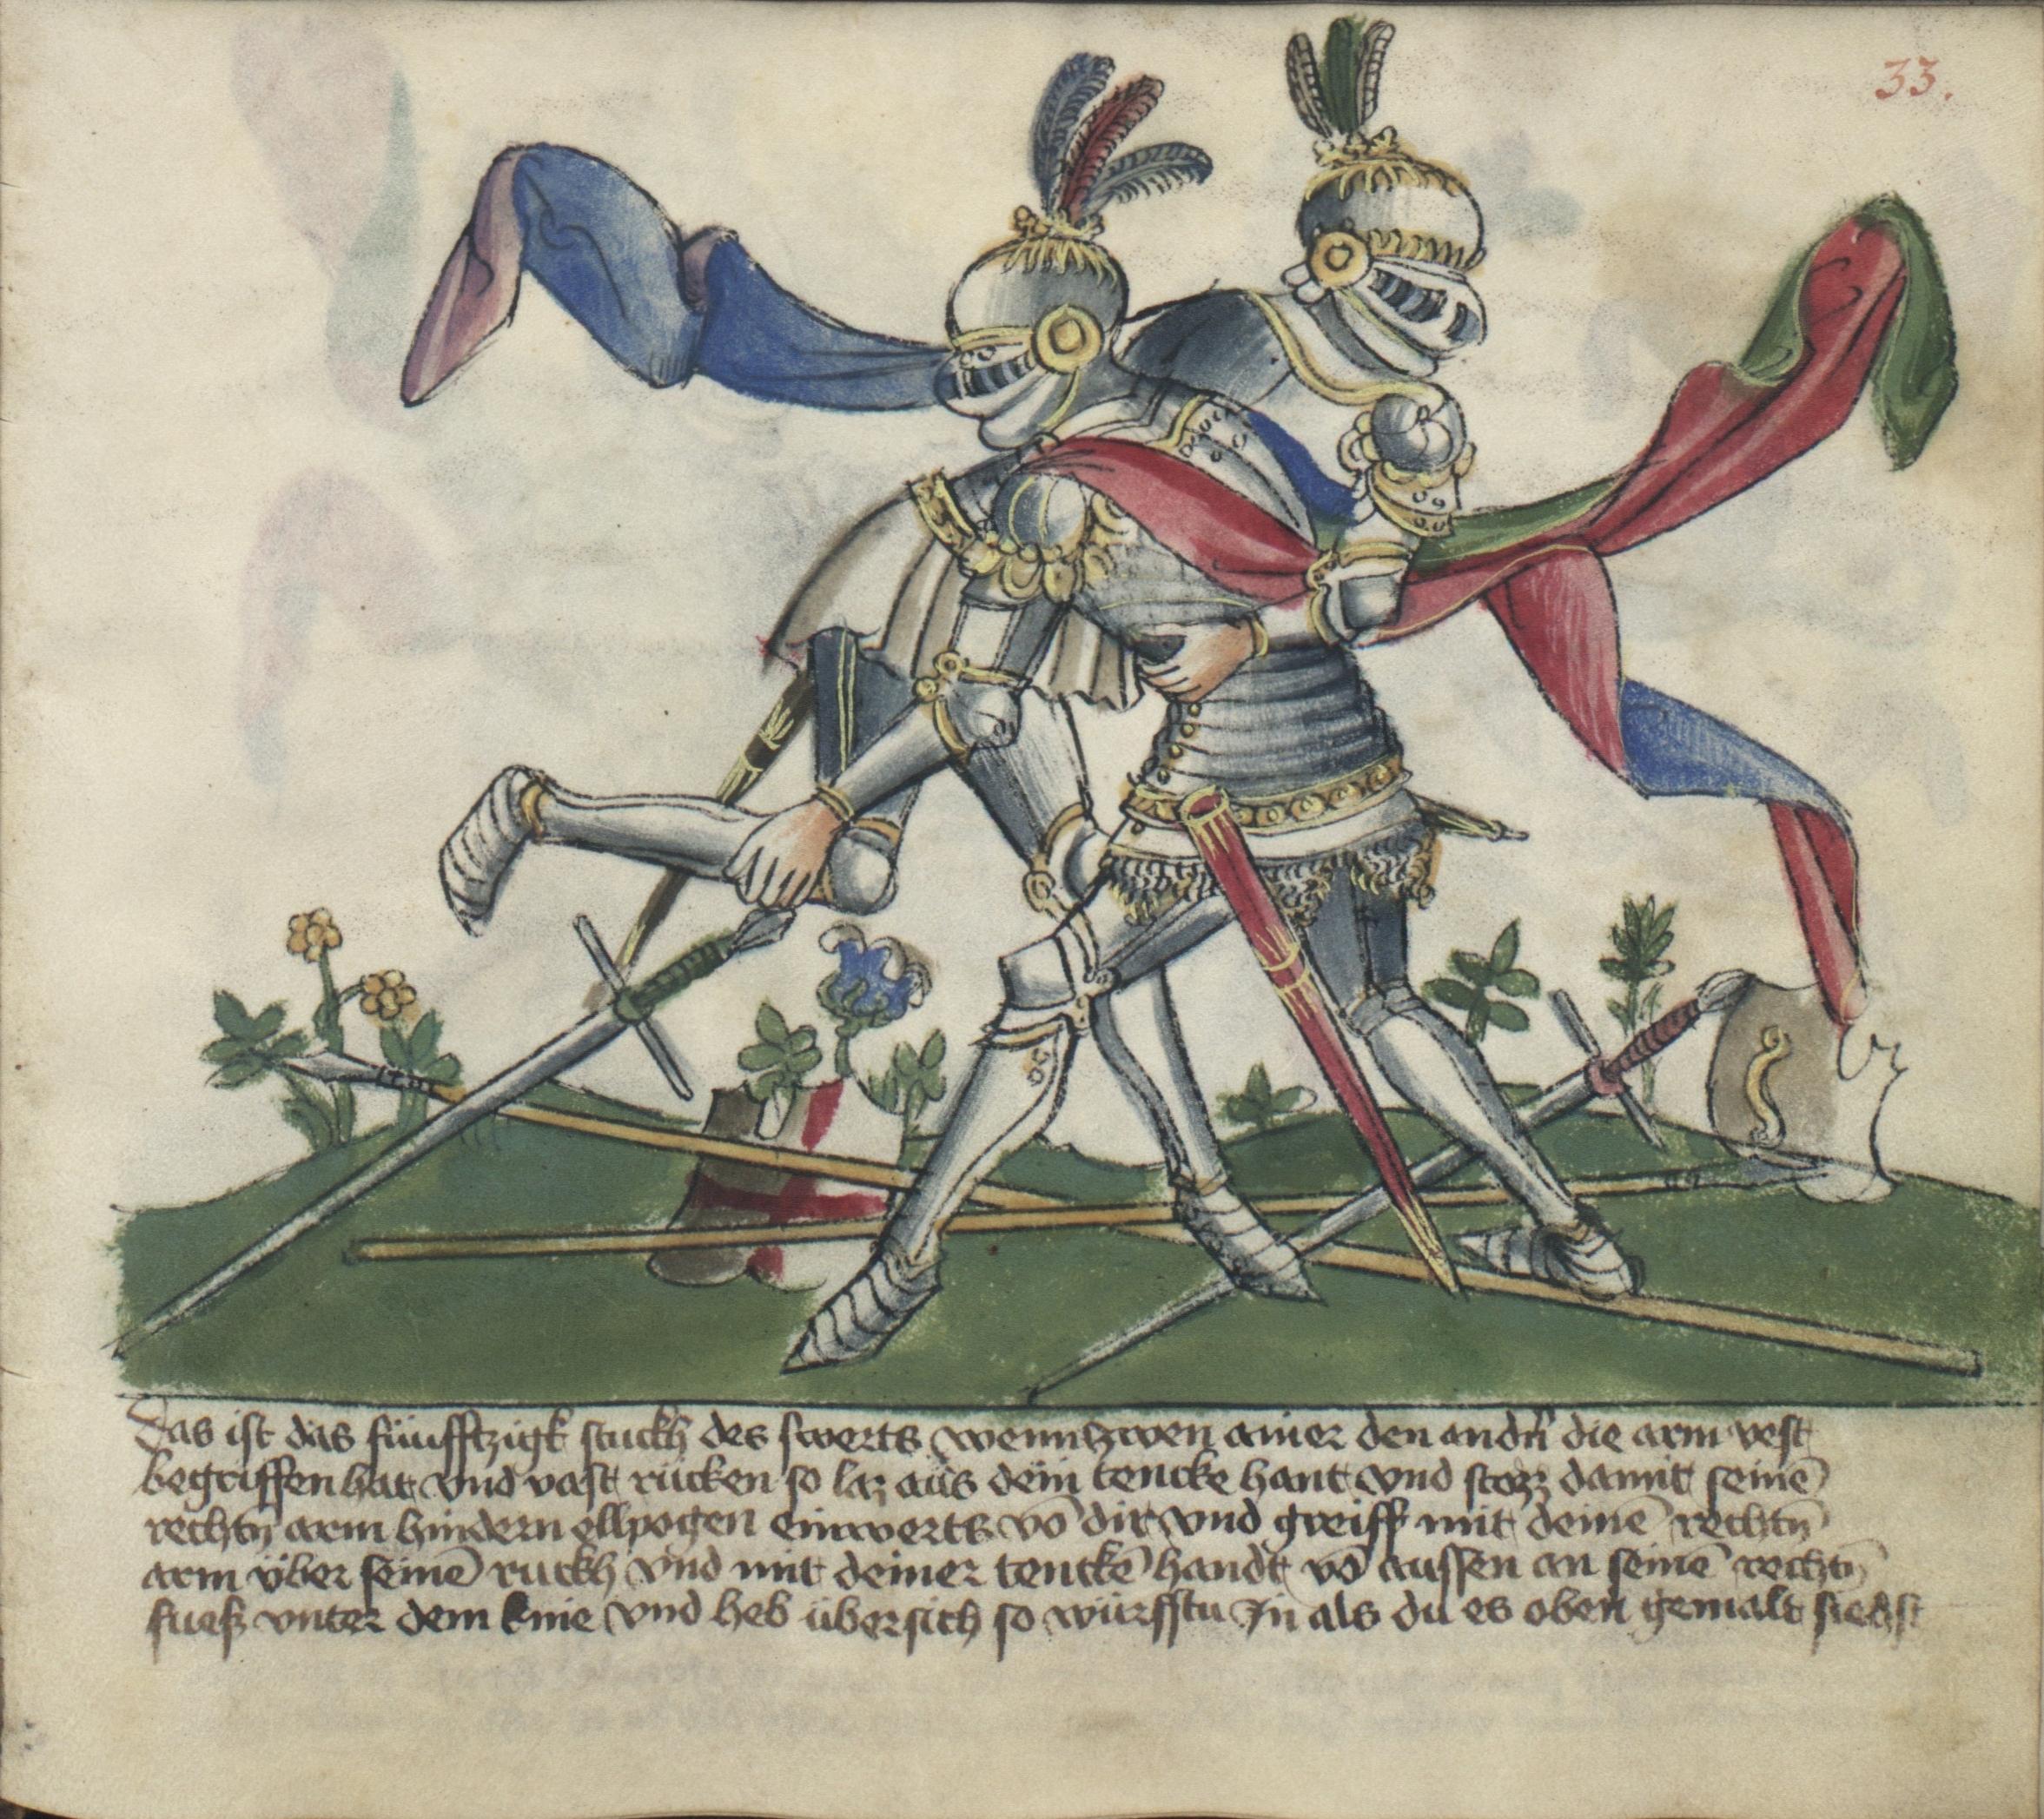 Spätmittelalterliche Fechtbücher zeigen den dynamischen Kampf in Plattenrüstung (Krakau, Biblioteka Jagiellońska, MS Germ.Quart.16, fol. 33r).